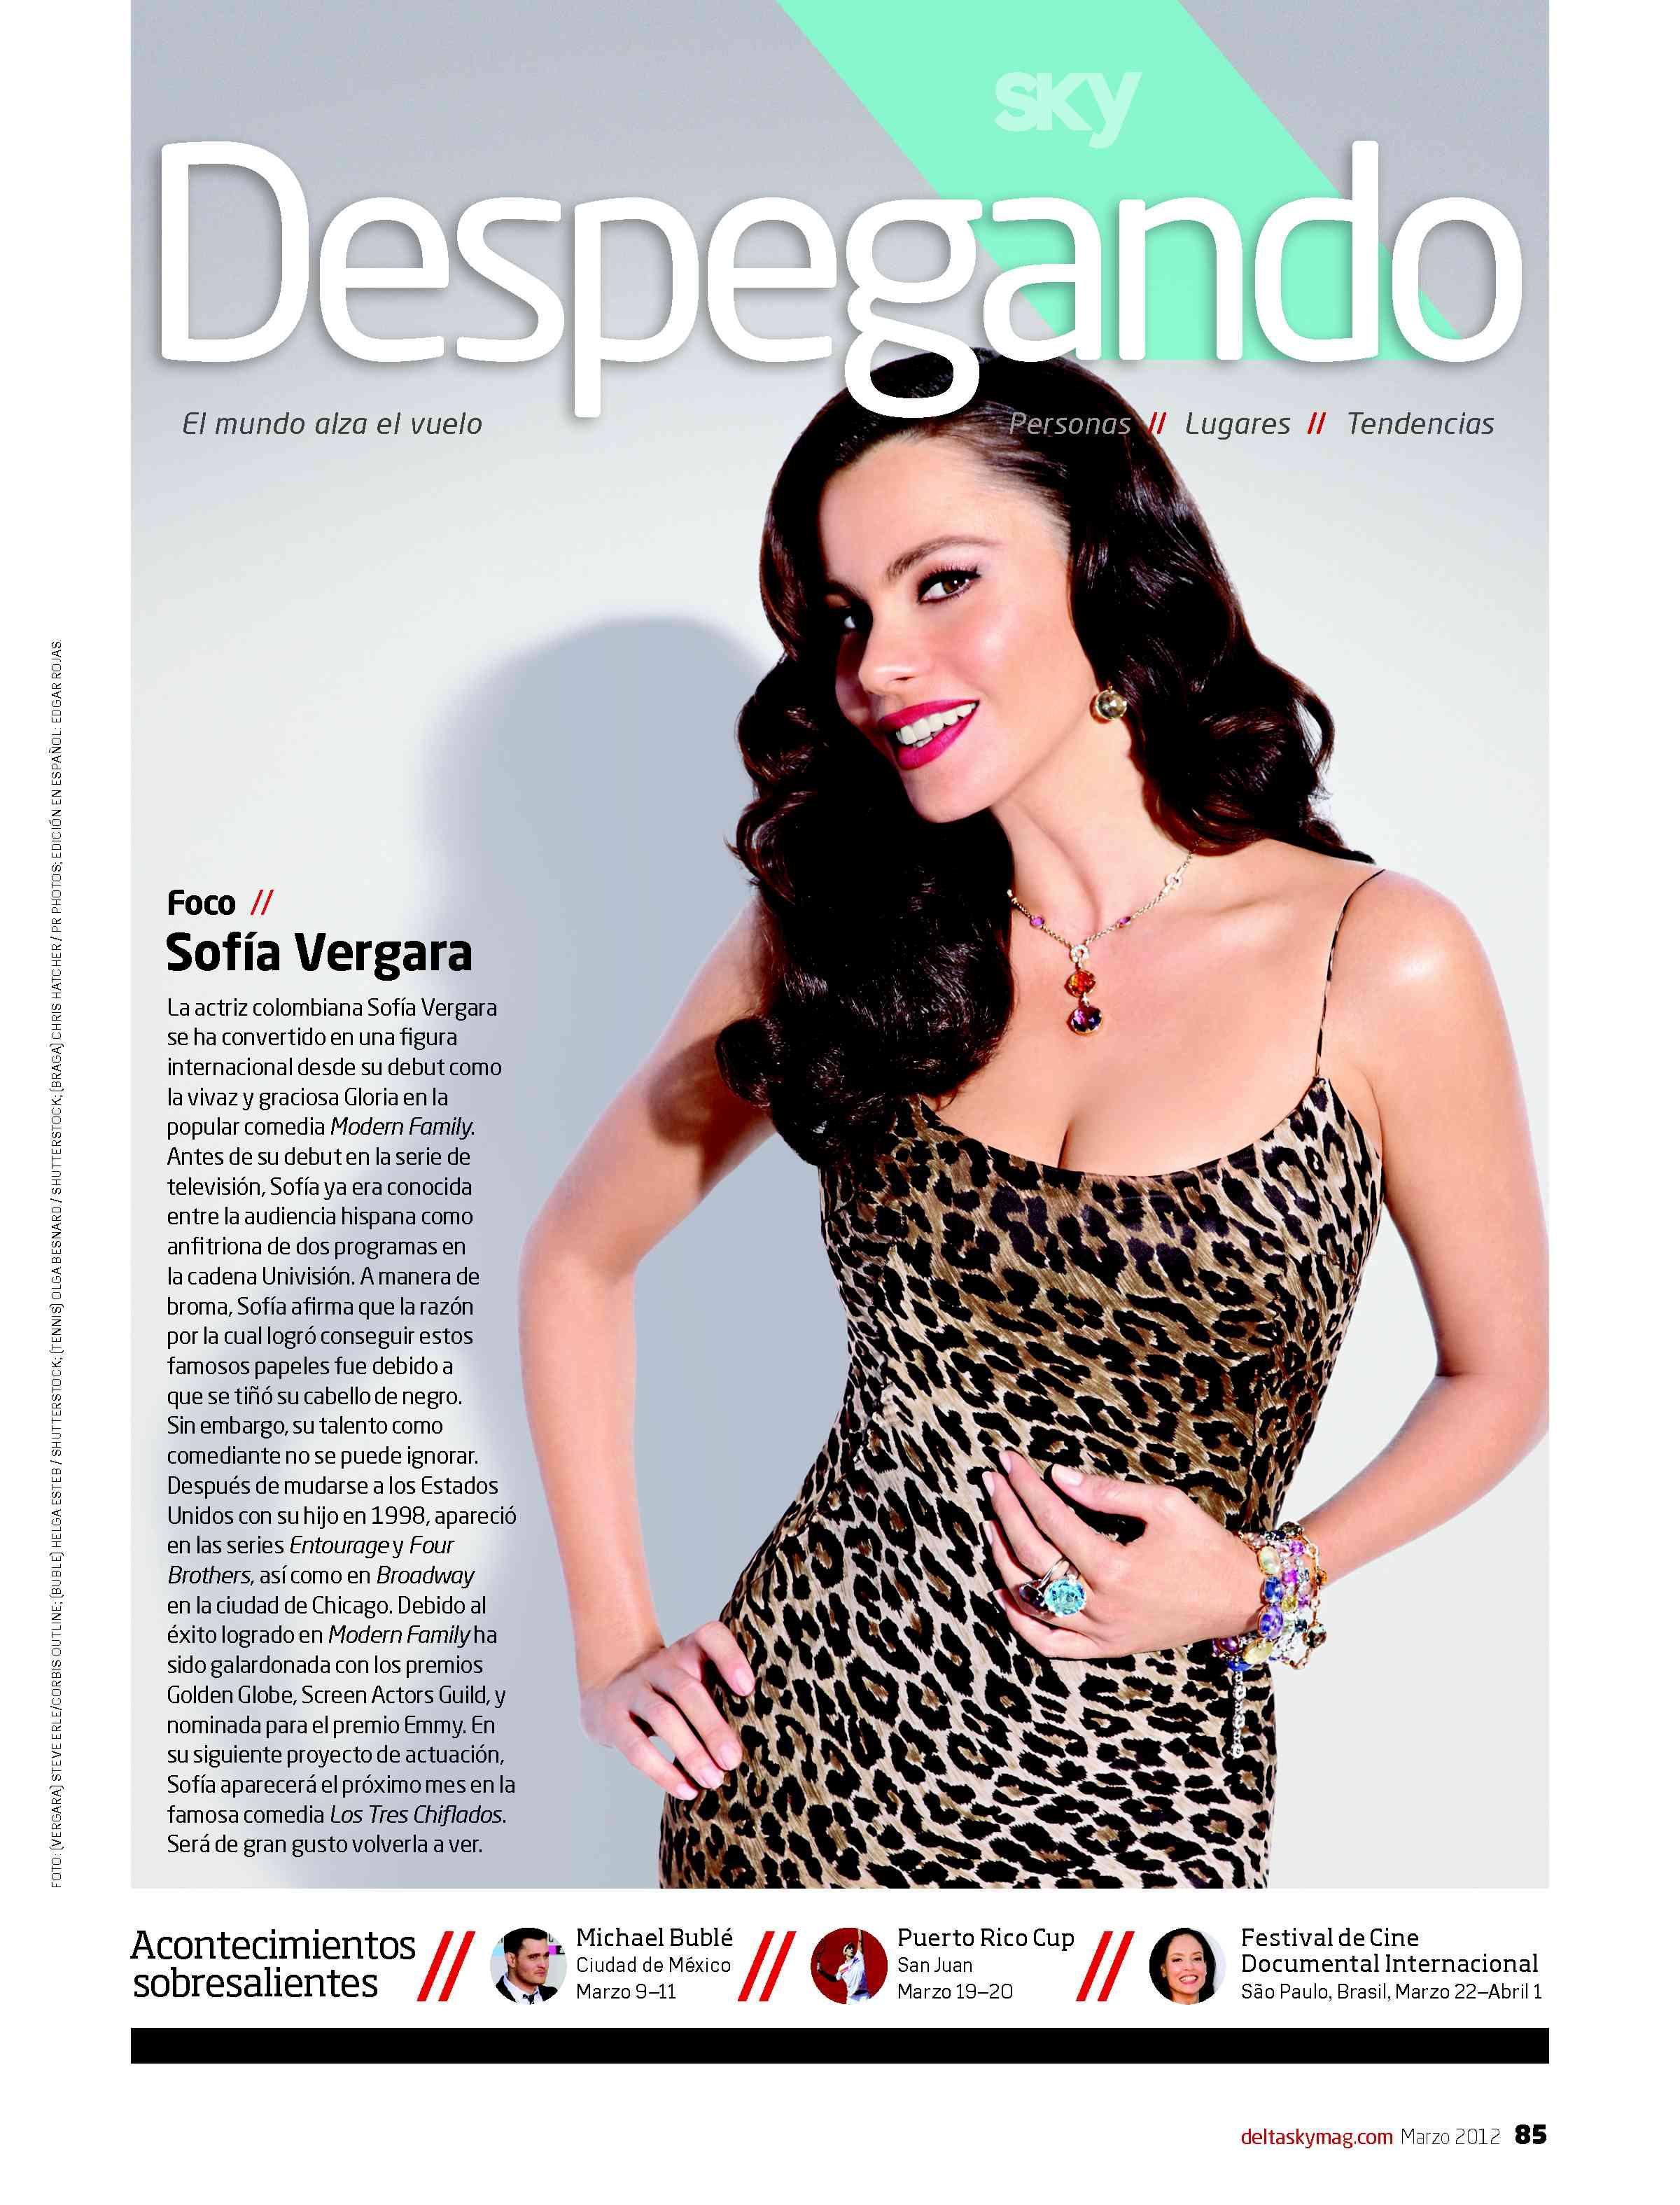 Despegando Takes Off in Delta's SKY Magazine